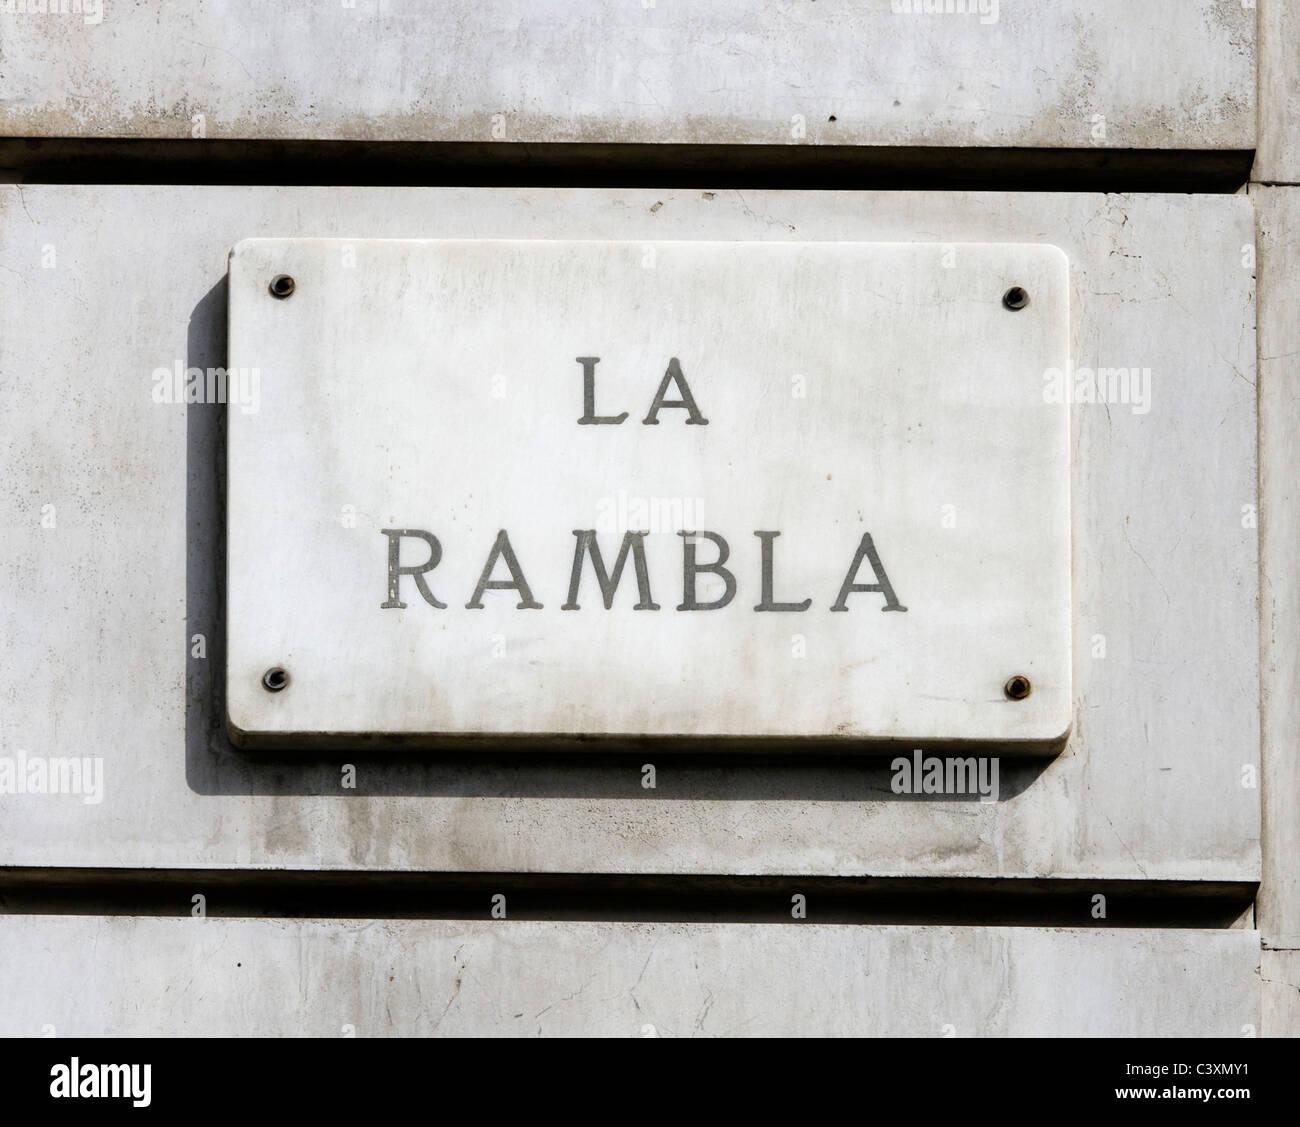 Straßenschild für La Rambla (Las Ramblas), Barcelona, Katalonien, Spanien Stockbild